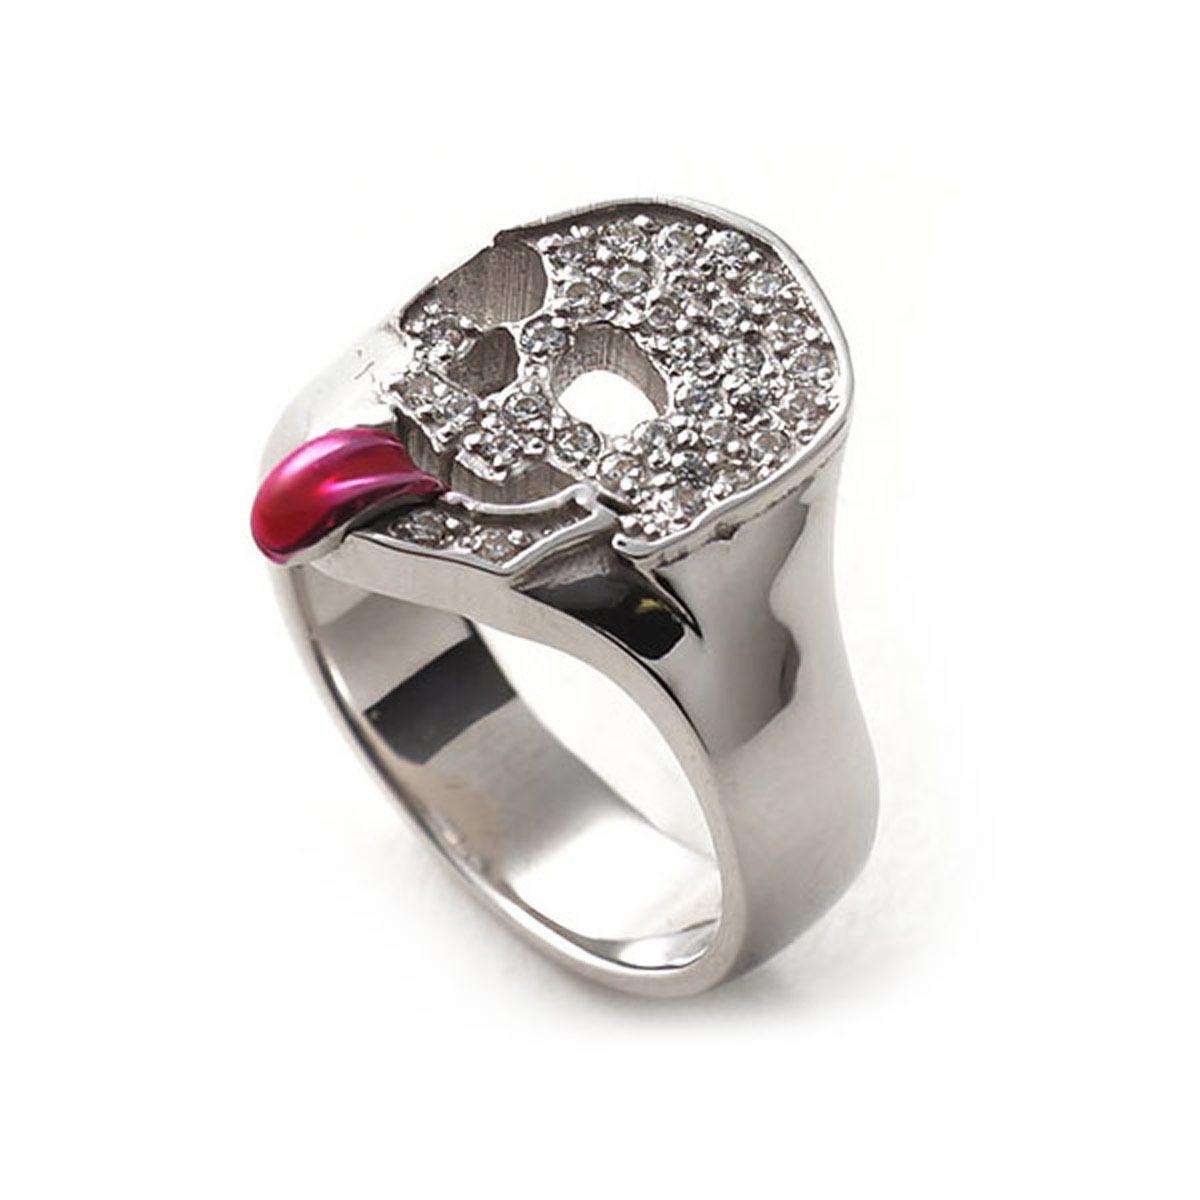 ガーデル GARDEL リング 指輪 メンズ レディース アクセサリー ジュエリー ギフト プレゼント RAPTURE SKULL【返品交換不可】【ラッピング無料】【190116】